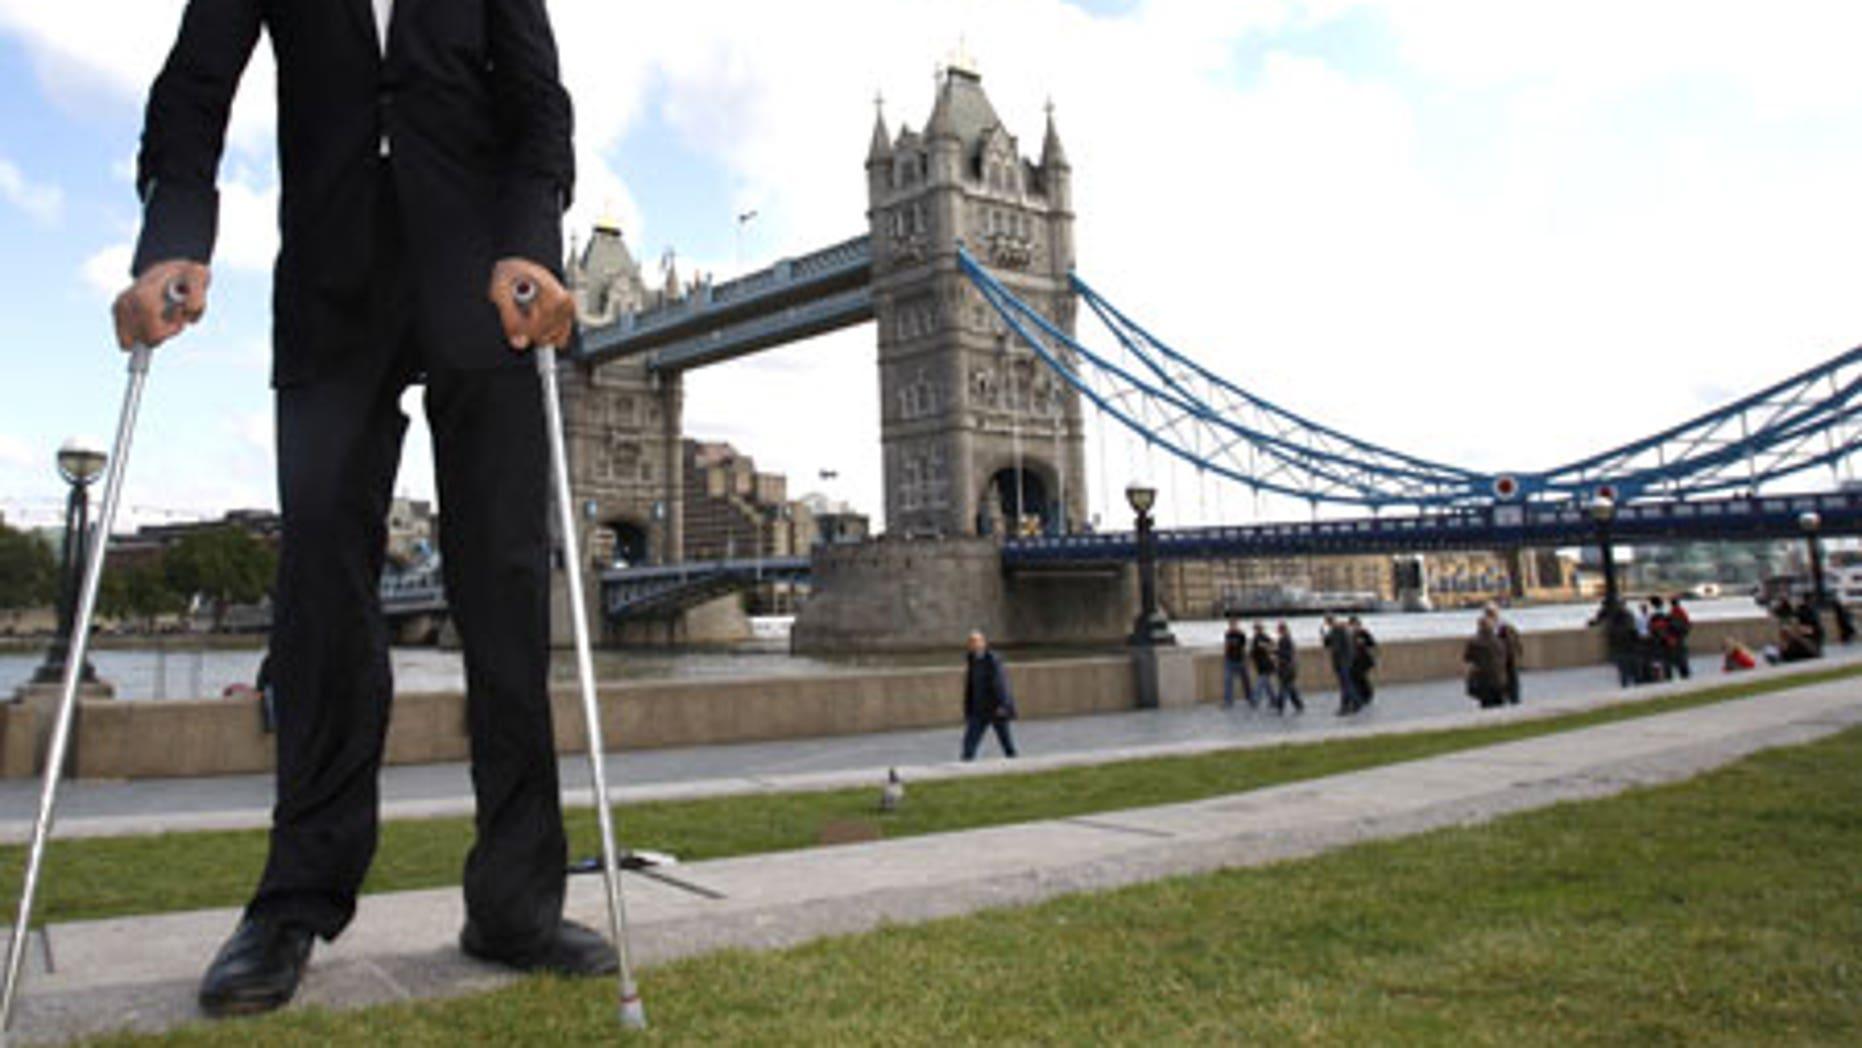 Sultan Kosen, the world's tallest man